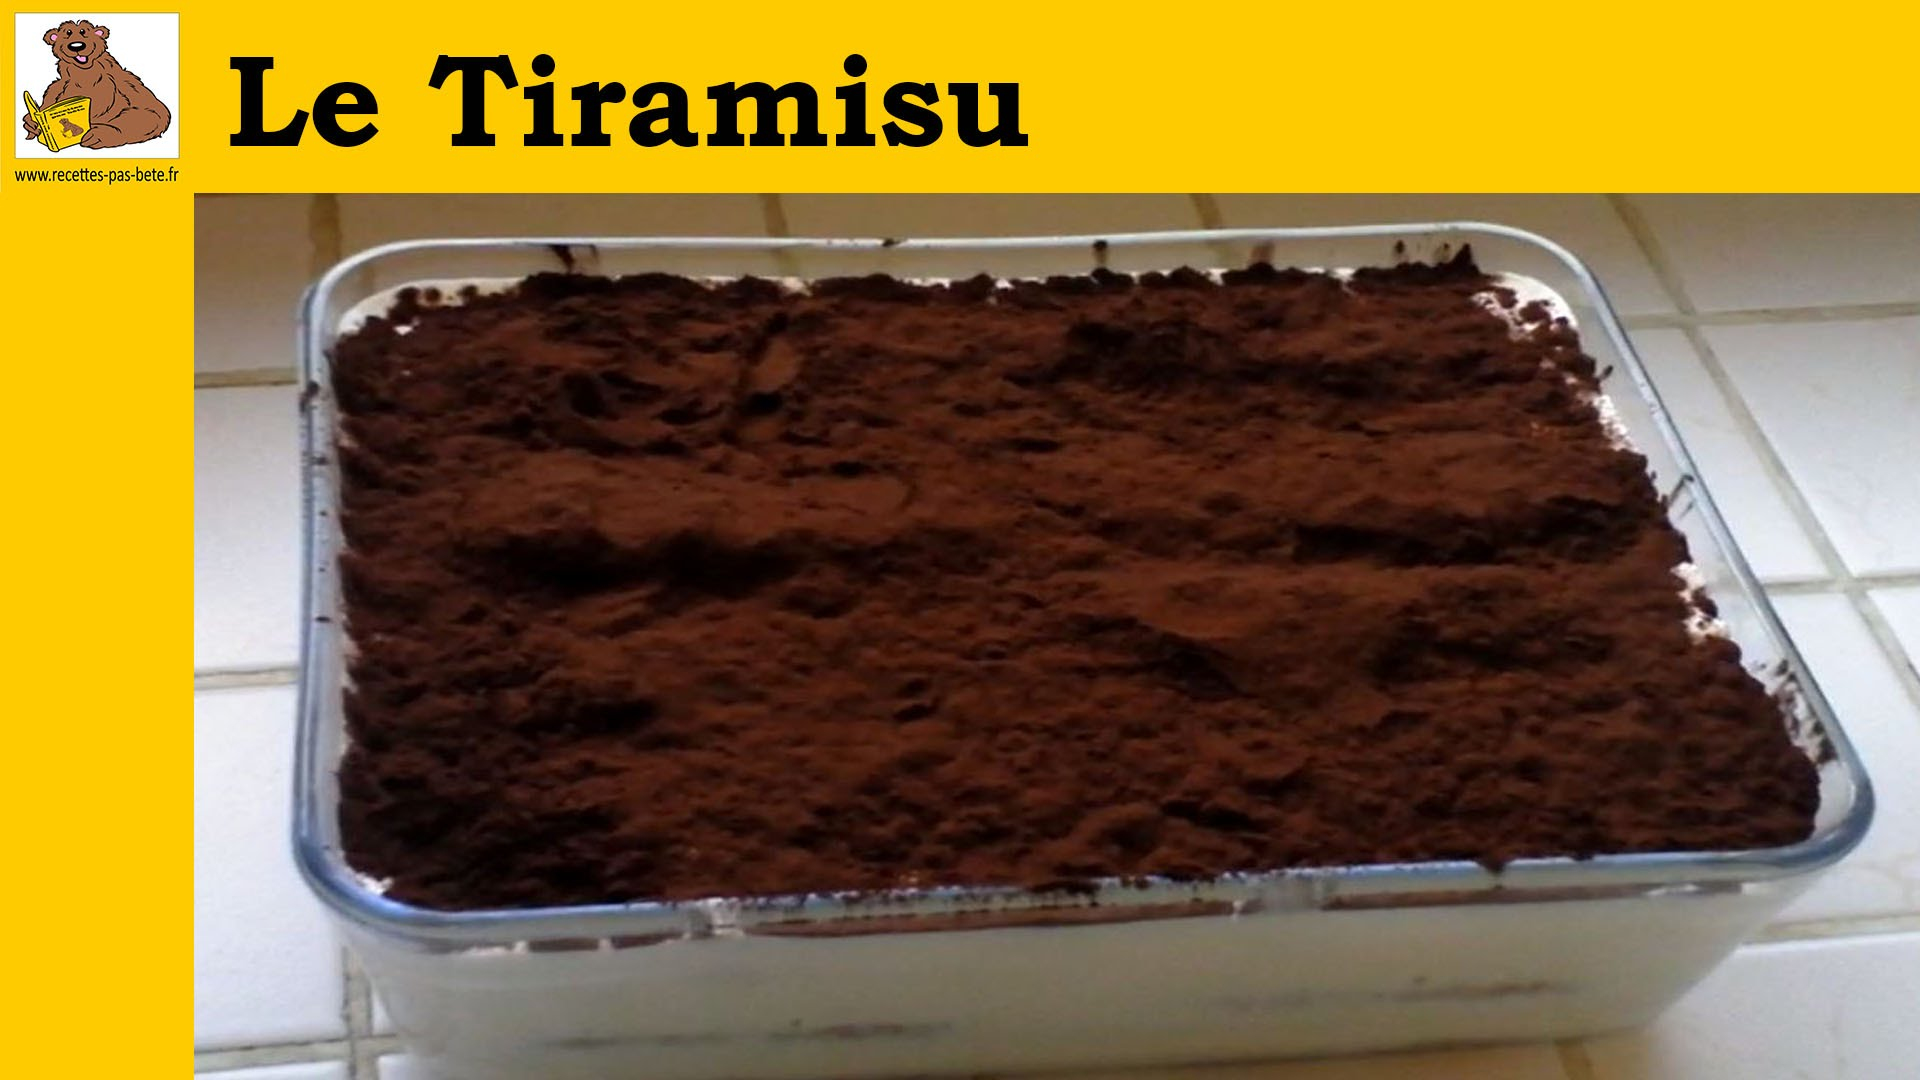 750 Grammes Recettes De Cuisine Impressionnant Images Le Tiramisu Recette Facile